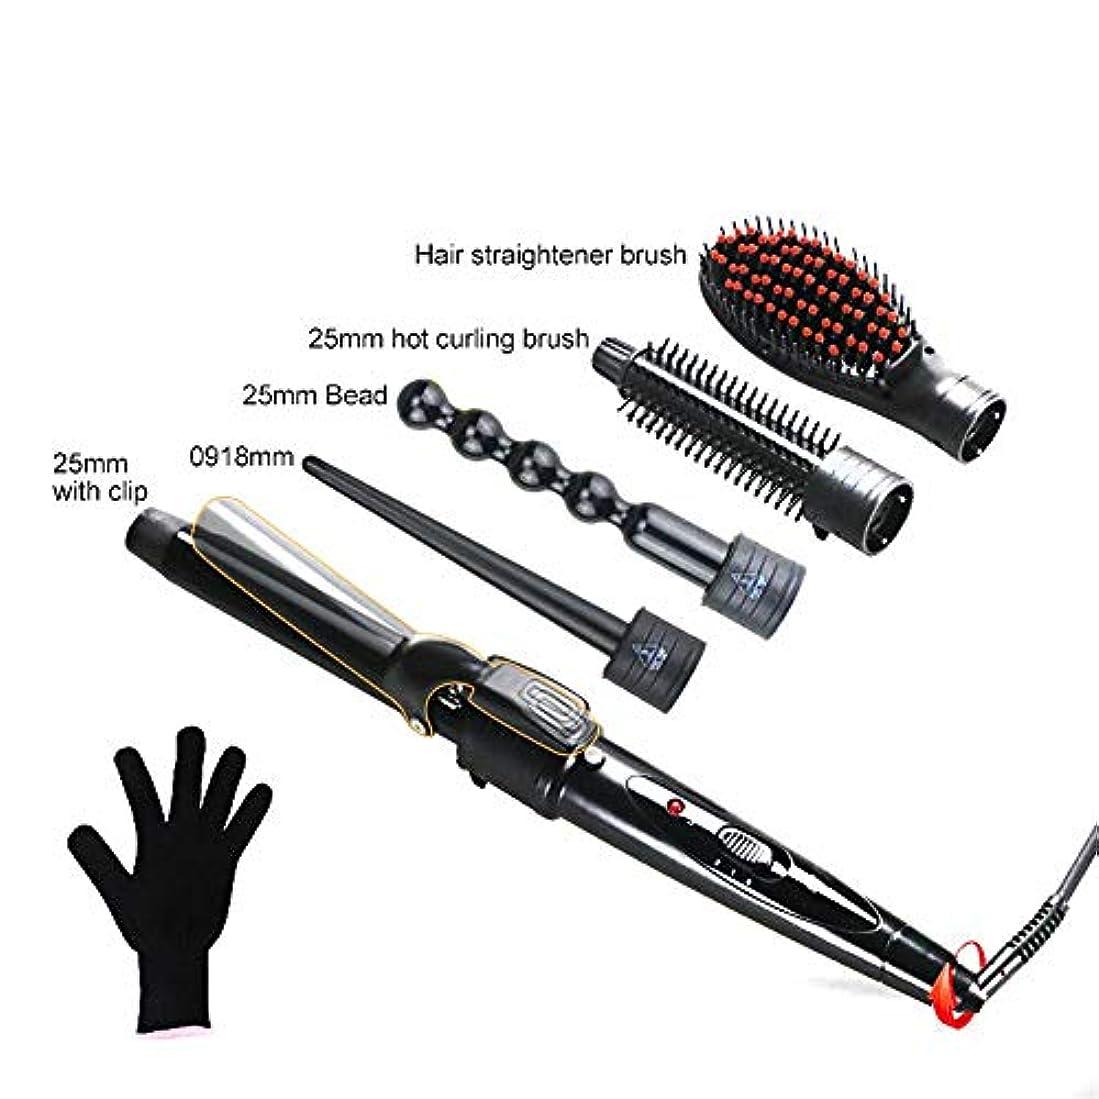 ストレートヘアスティック 家庭用5で1カーリングアイロンポータブルセラミックカーリングアイロンセット温度制御ヘアカーラー すべてのタイプの髪に適しています (色 : ブラック, サイズ : Free size)